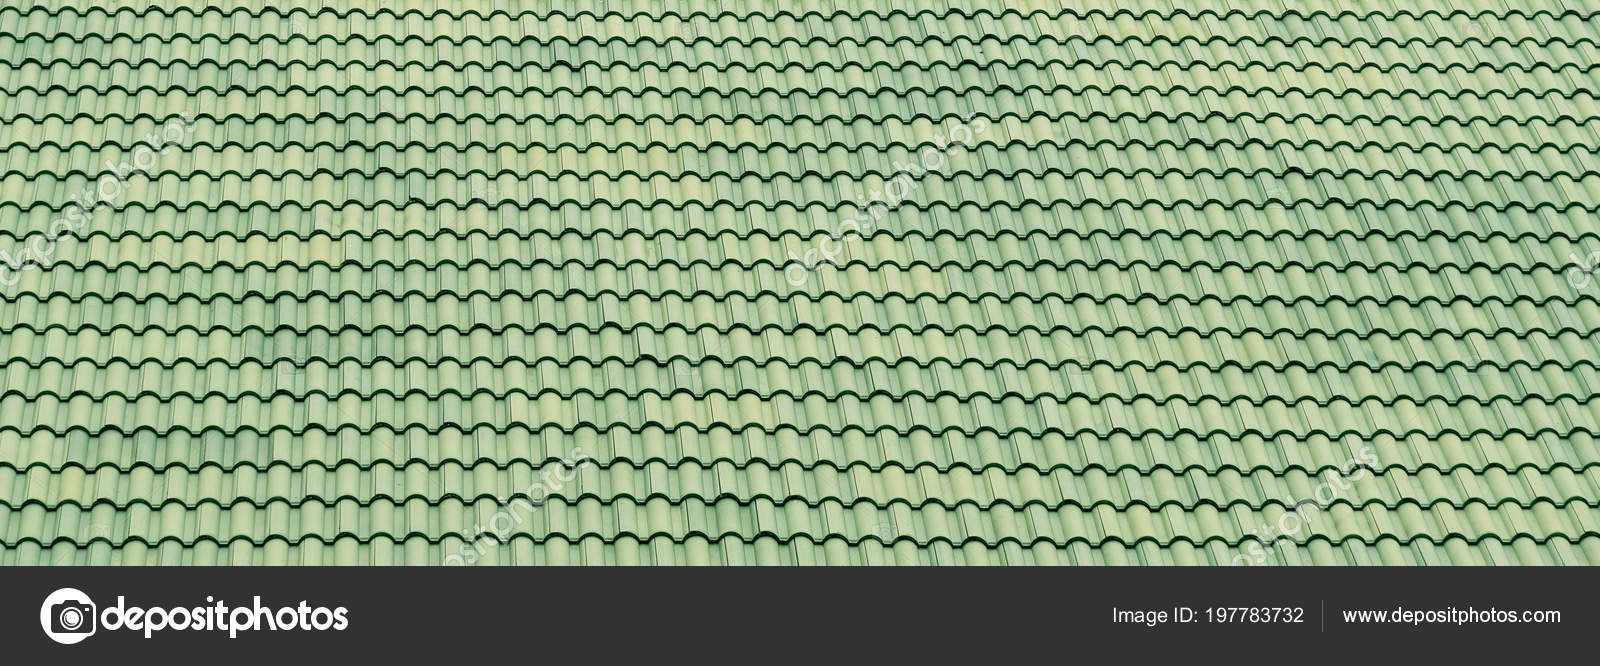 Bekend Patroon Van Groene Dakpannen Het Platform Achtergrond — Stockfoto IV04